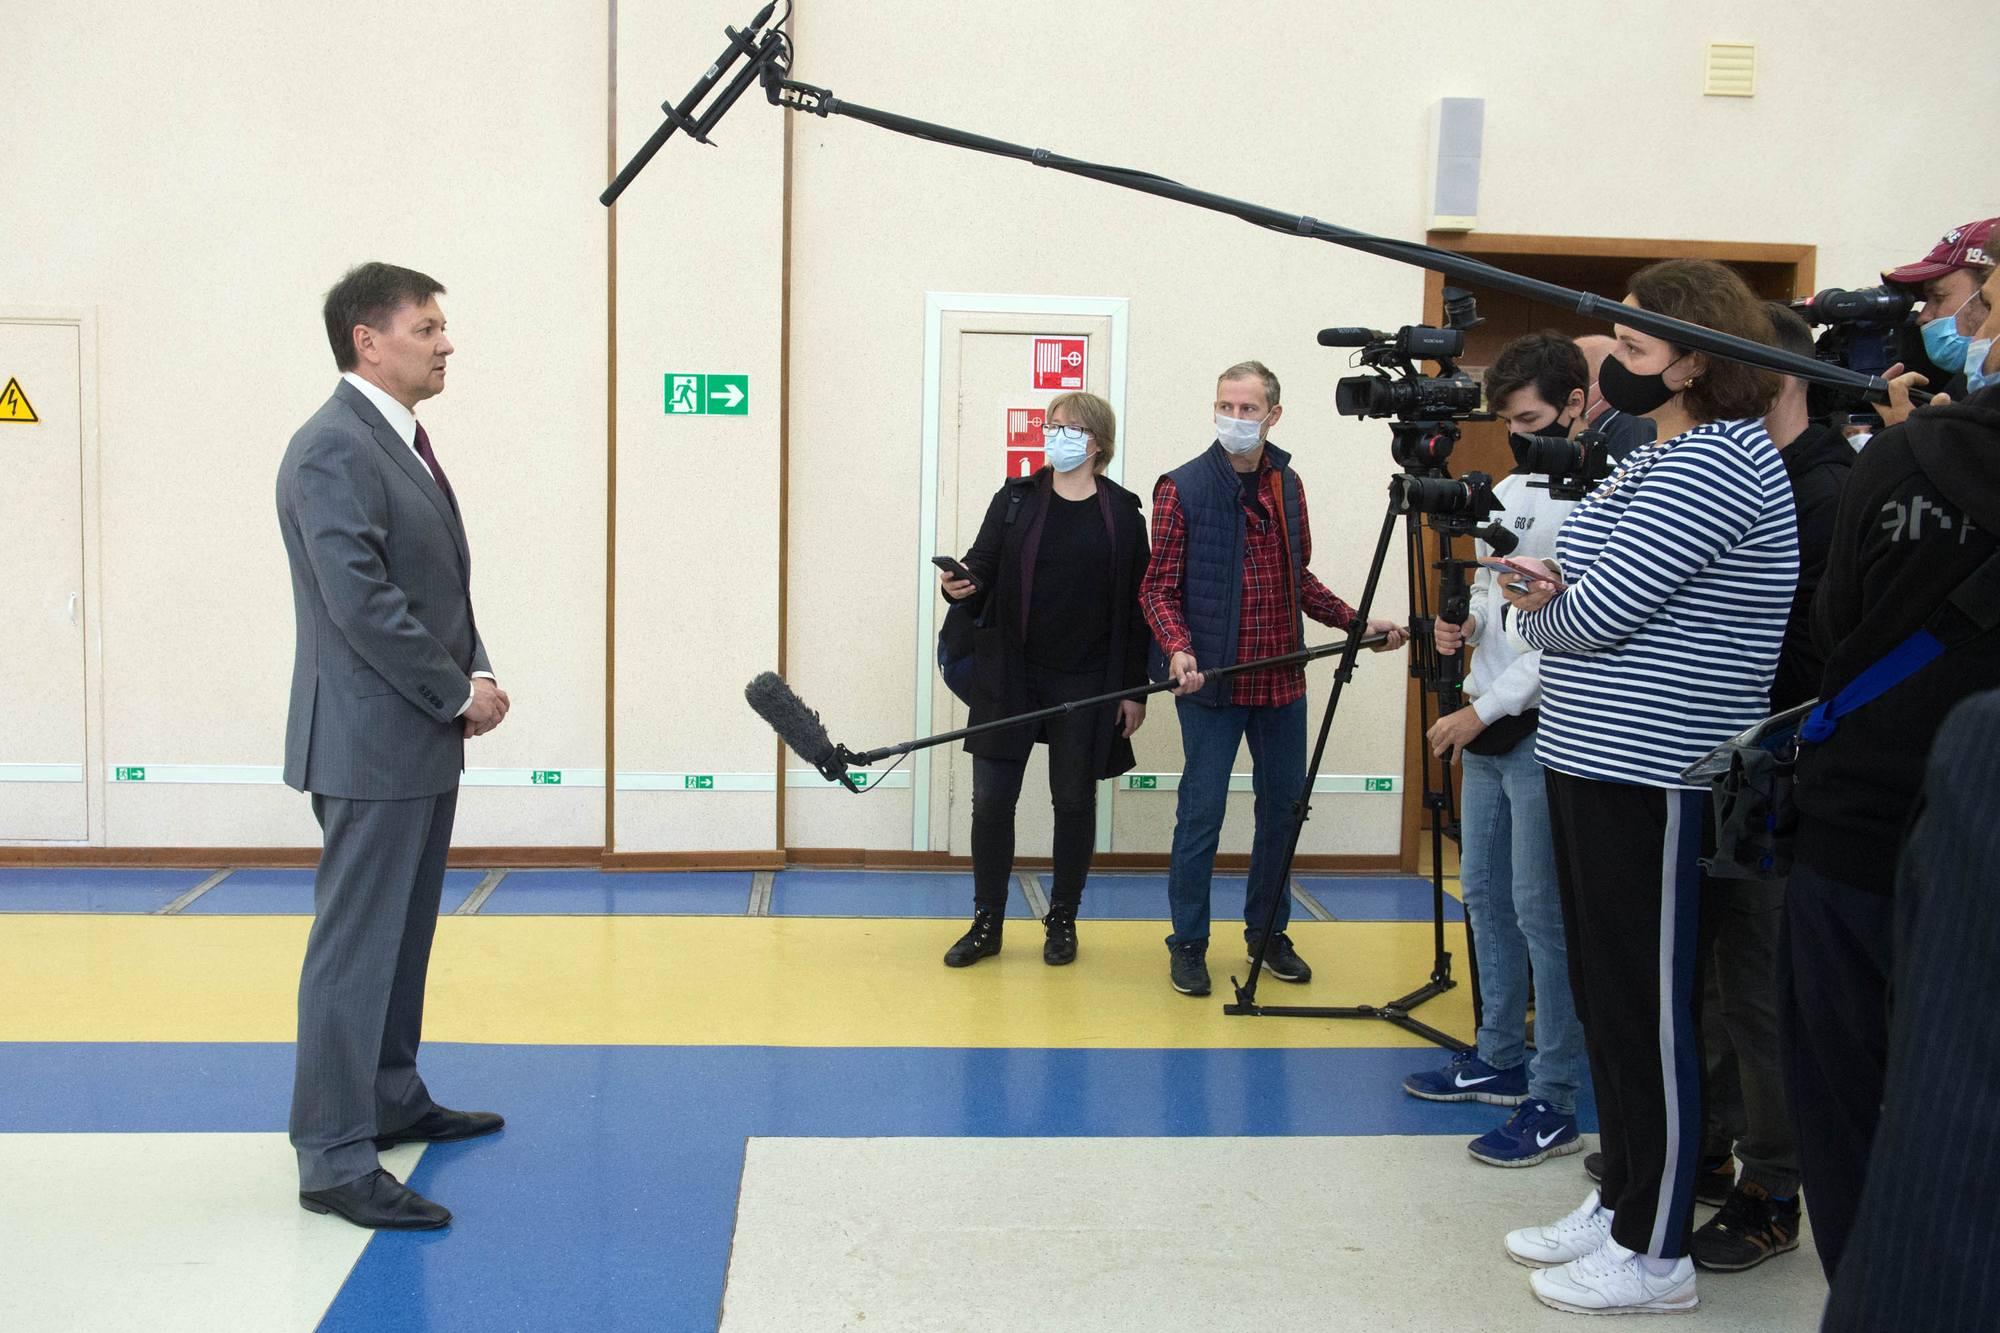 Oleg Kononenko répond aux questions des journalistes.